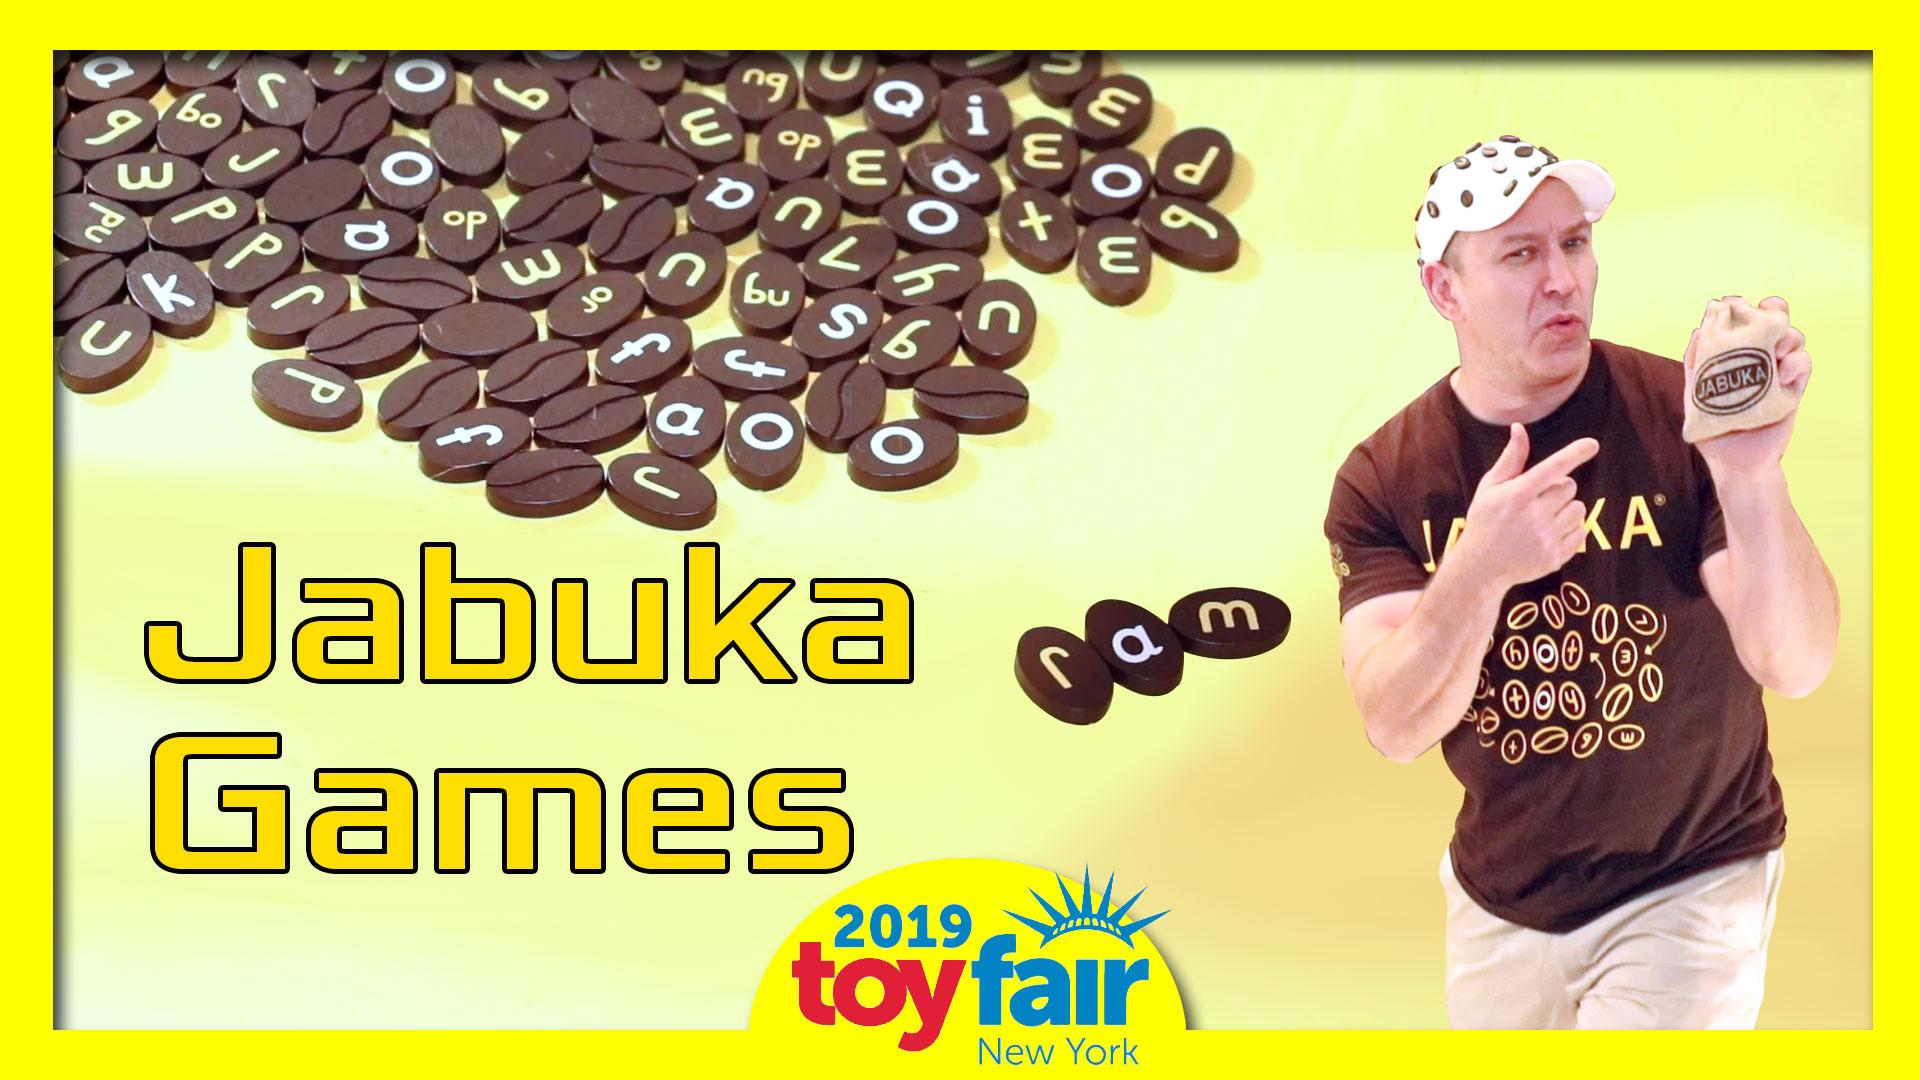 Jabuka Games @ToyFair19